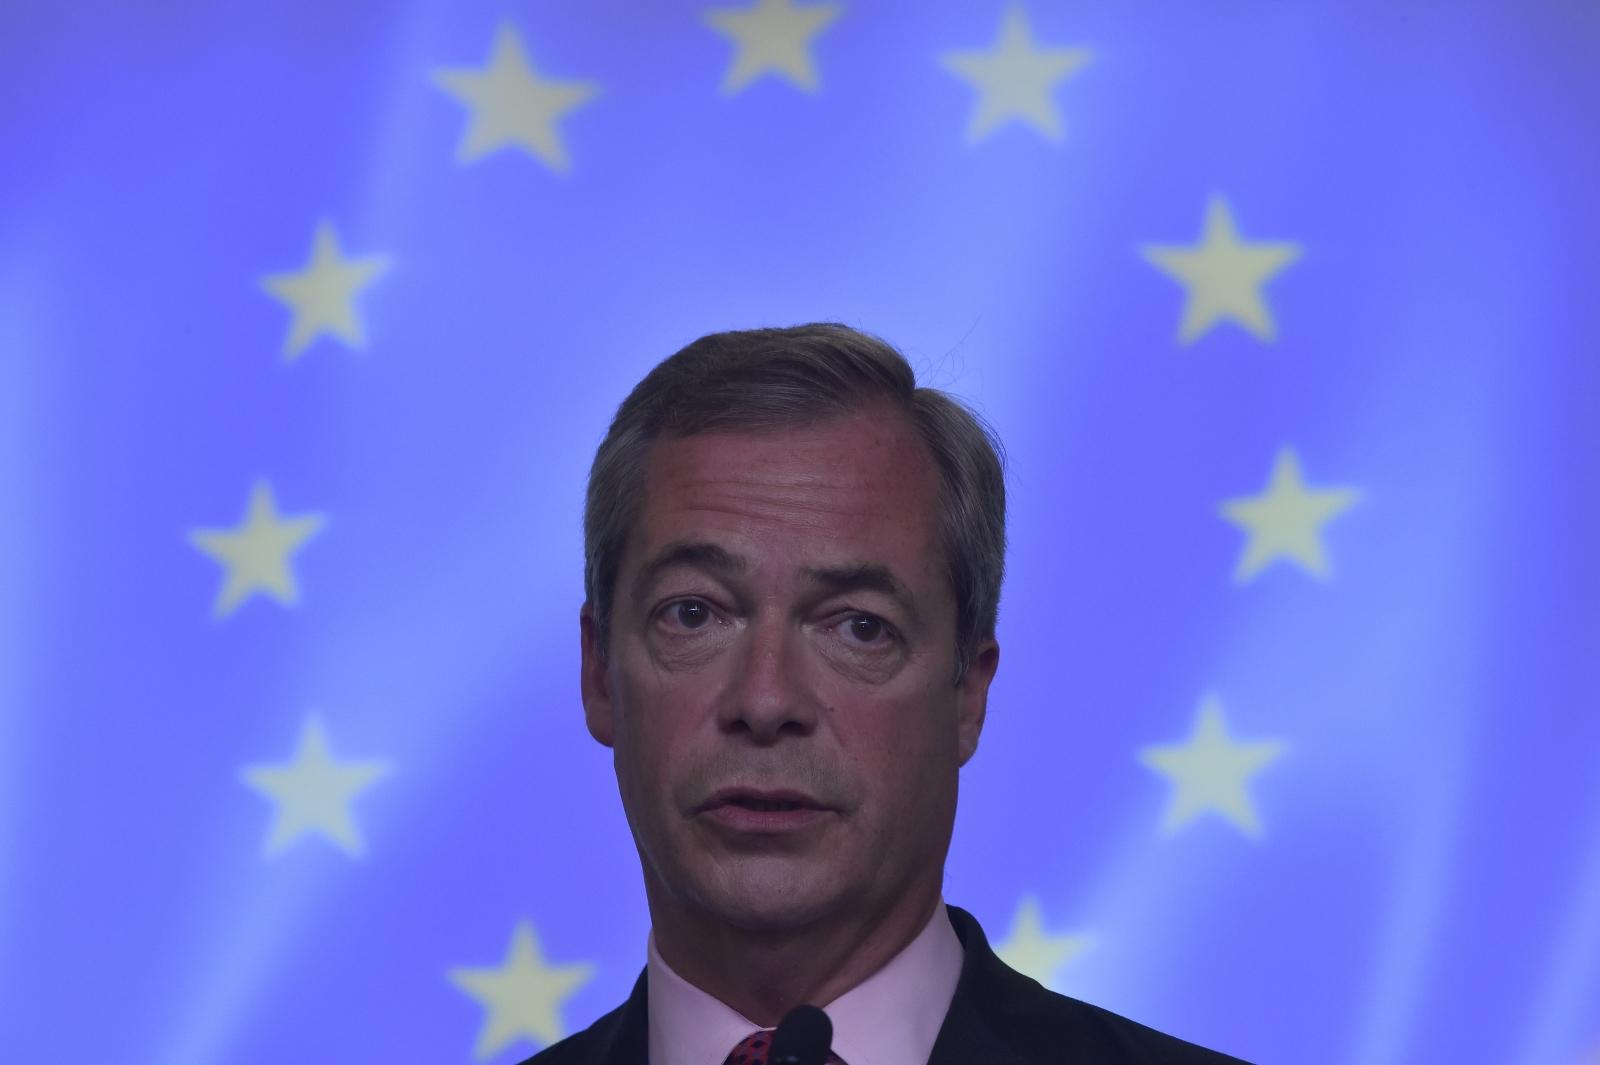 Nigel Farage EU flag